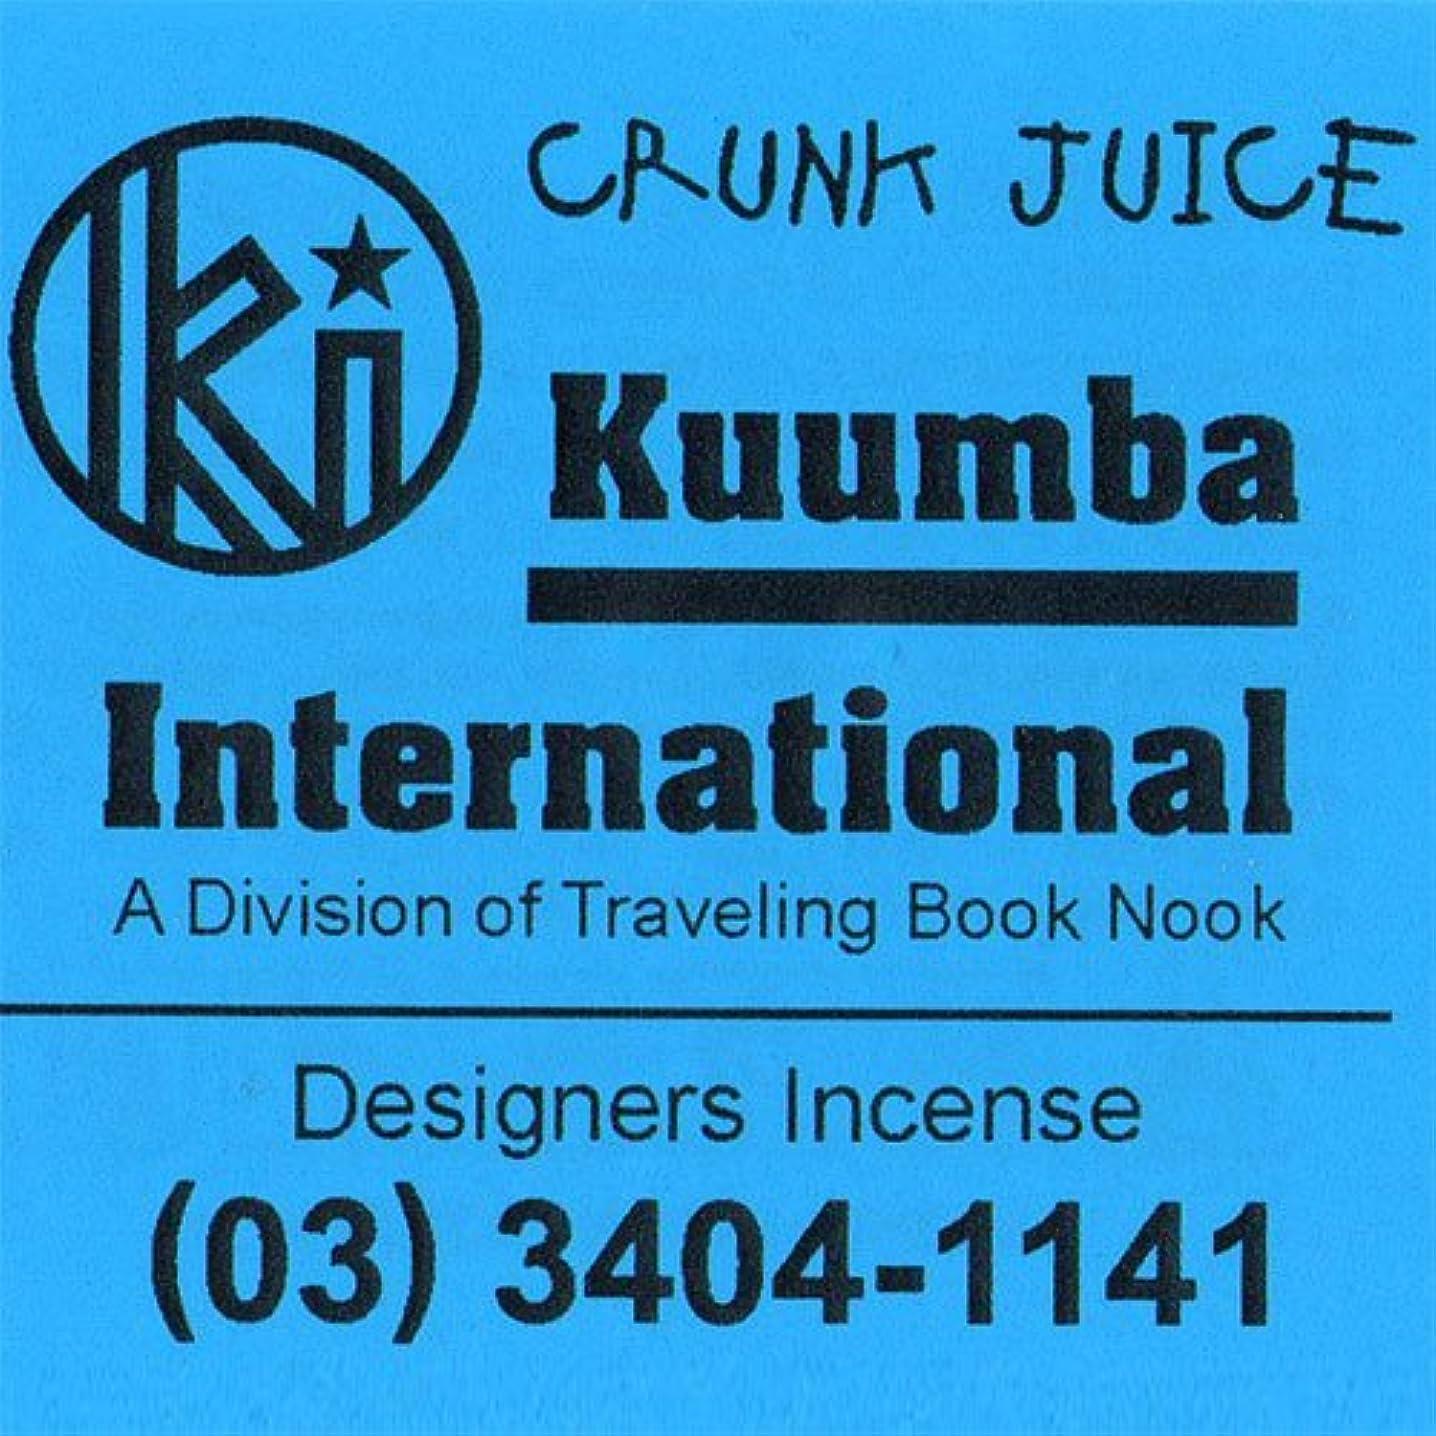 処方サロン気まぐれなKUUMBA / クンバ『incense』(CRUNK JUICE) (Regular size)